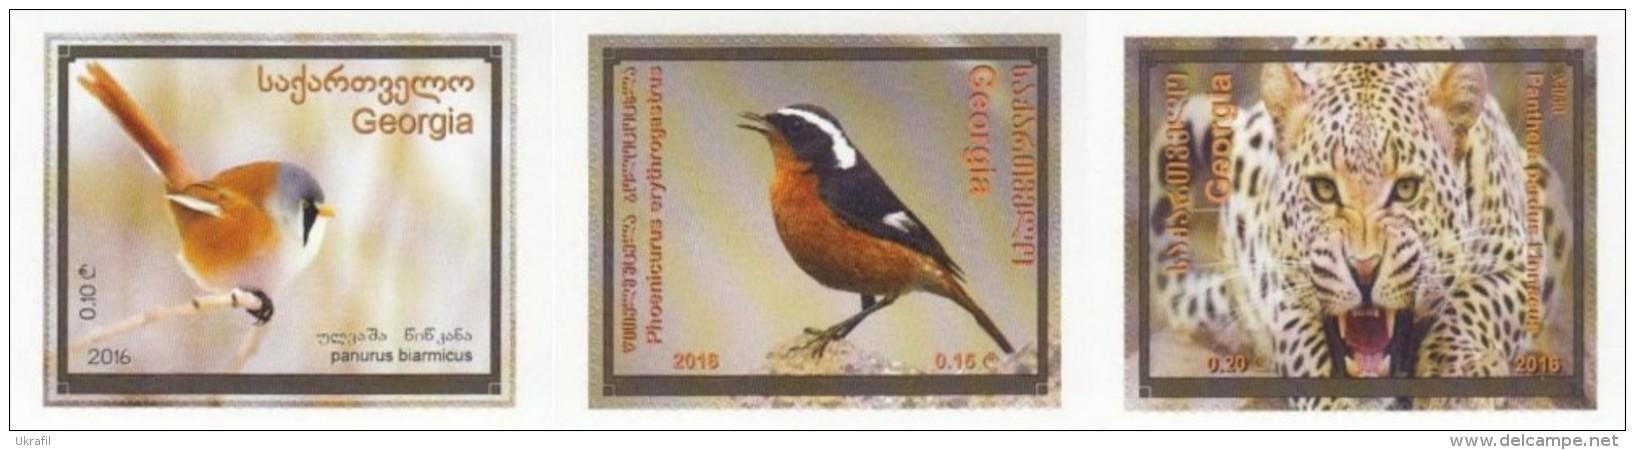 Georgia 2016, Fauna, Selfadshives, 3v - Georgien